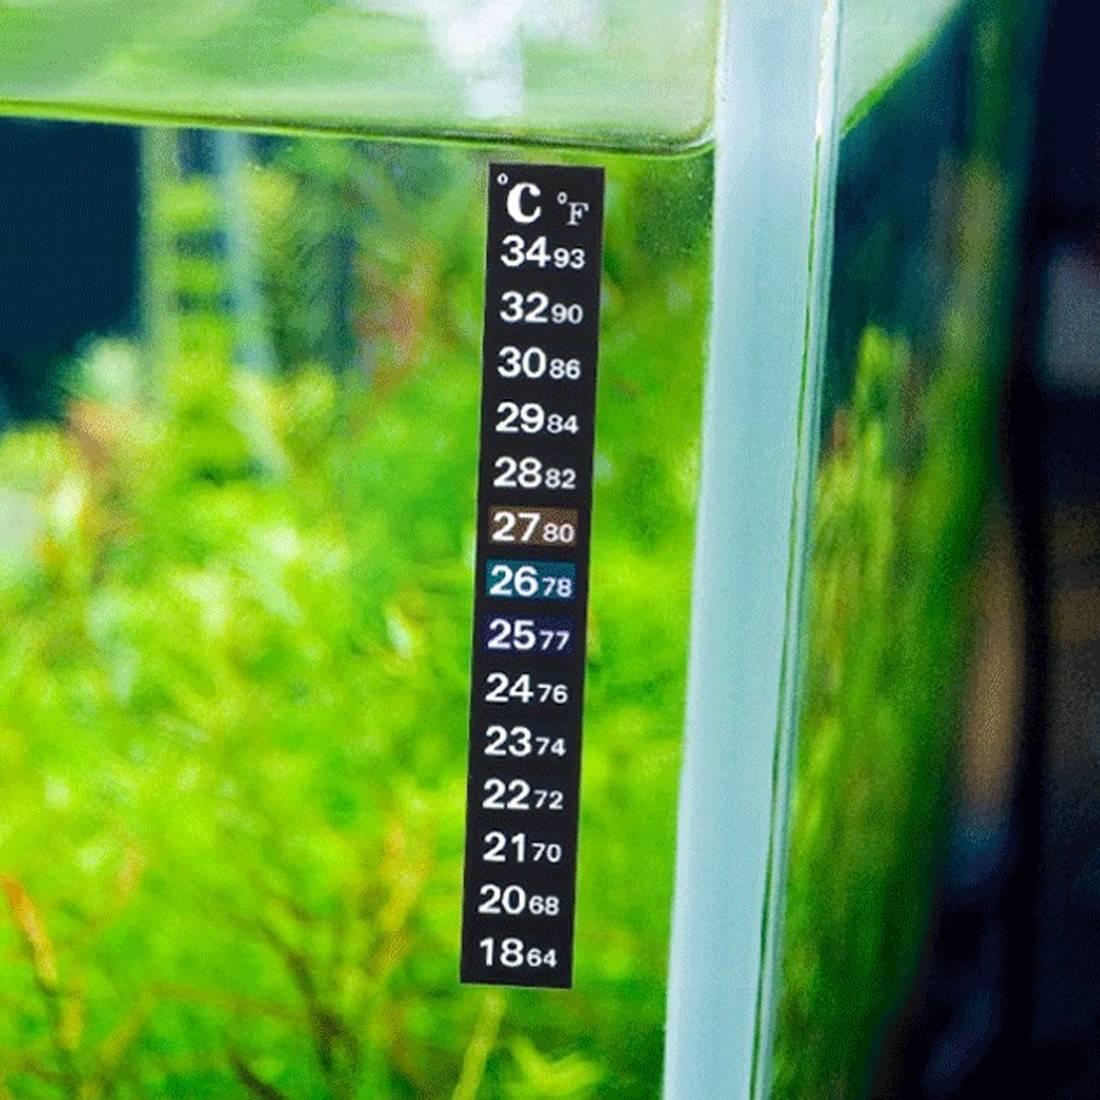 Температура воды в аквариуме для рыбок: какой должна быть оптимальная температура температура воды в аквариуме для рыбок: какой должна быть оптимальная температура